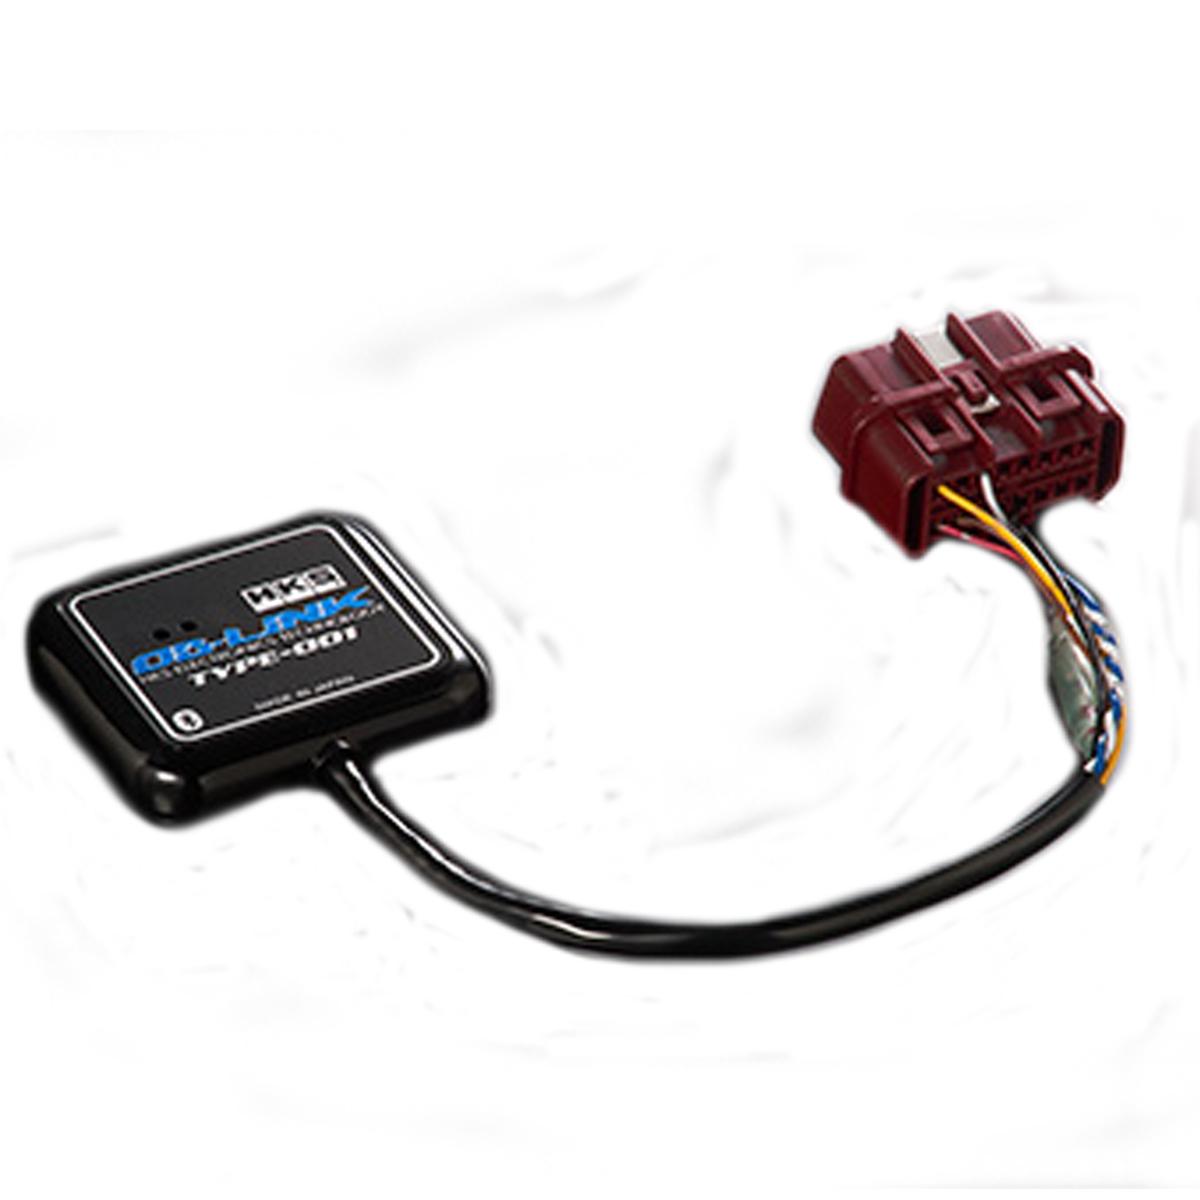 スクラムワゴン モニター OBリンク タイプ 001 DG34W HKS 44009-AK002 エレクトリニクス